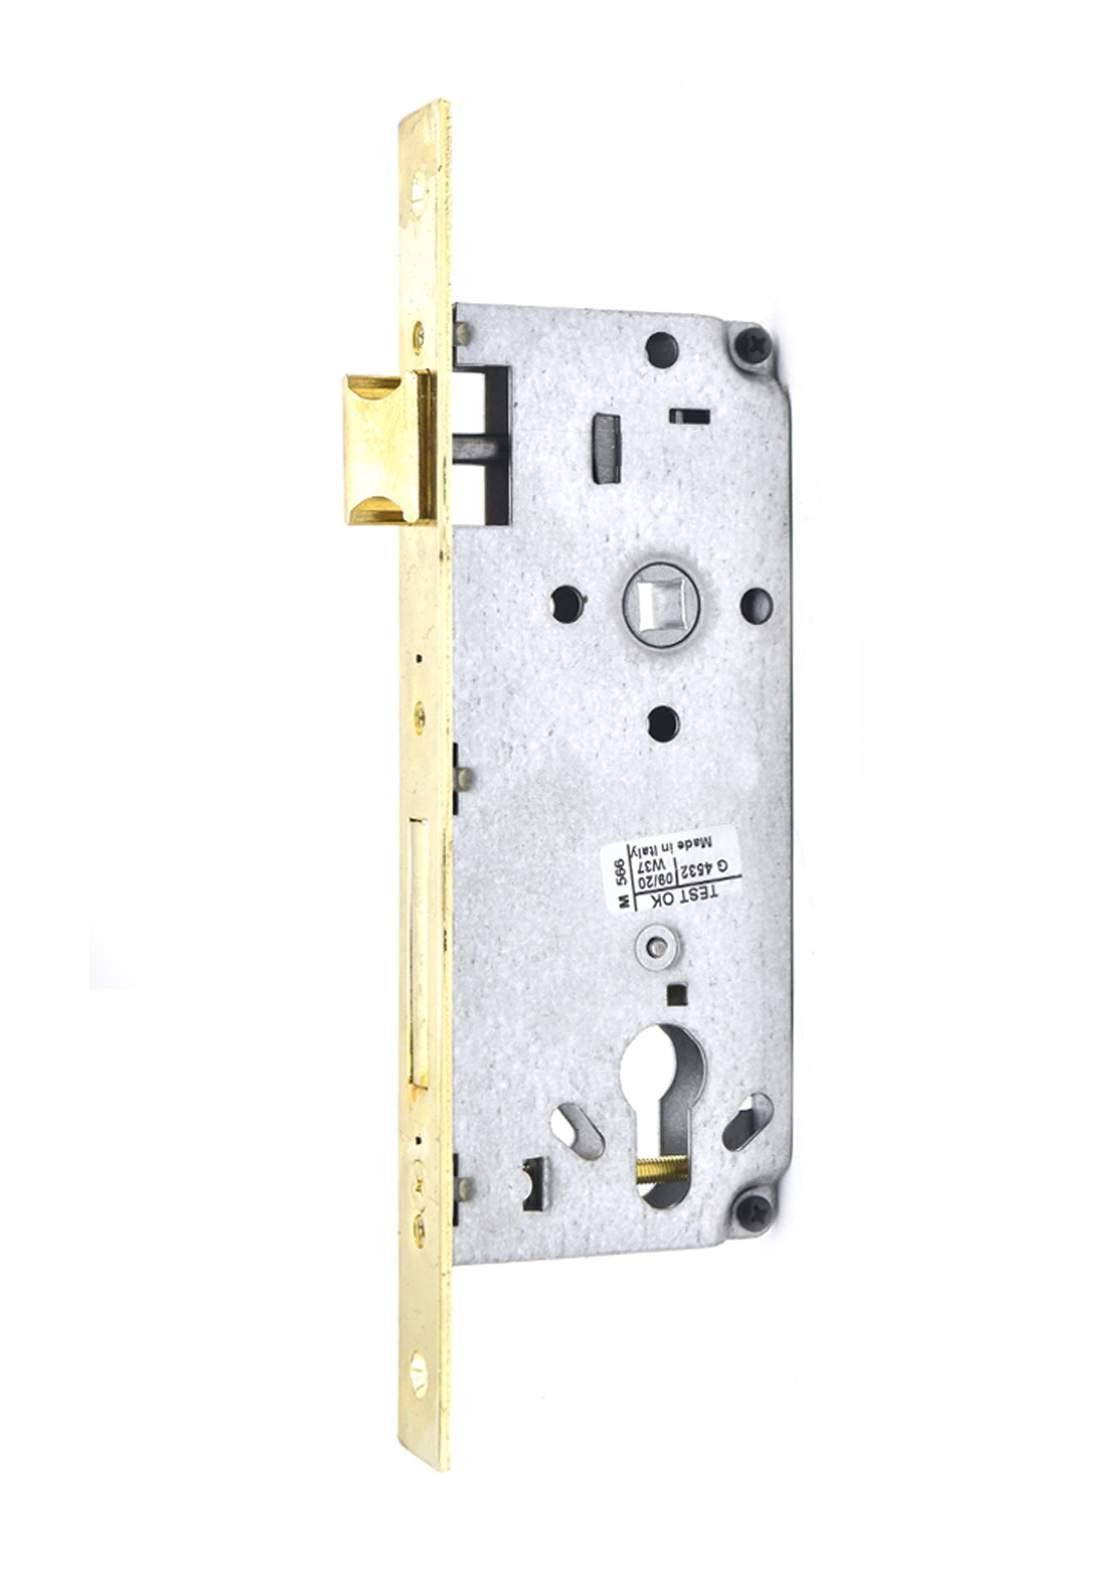 Cisa 52111-45-0-00-LD Door Lock 45 mm قفل باب